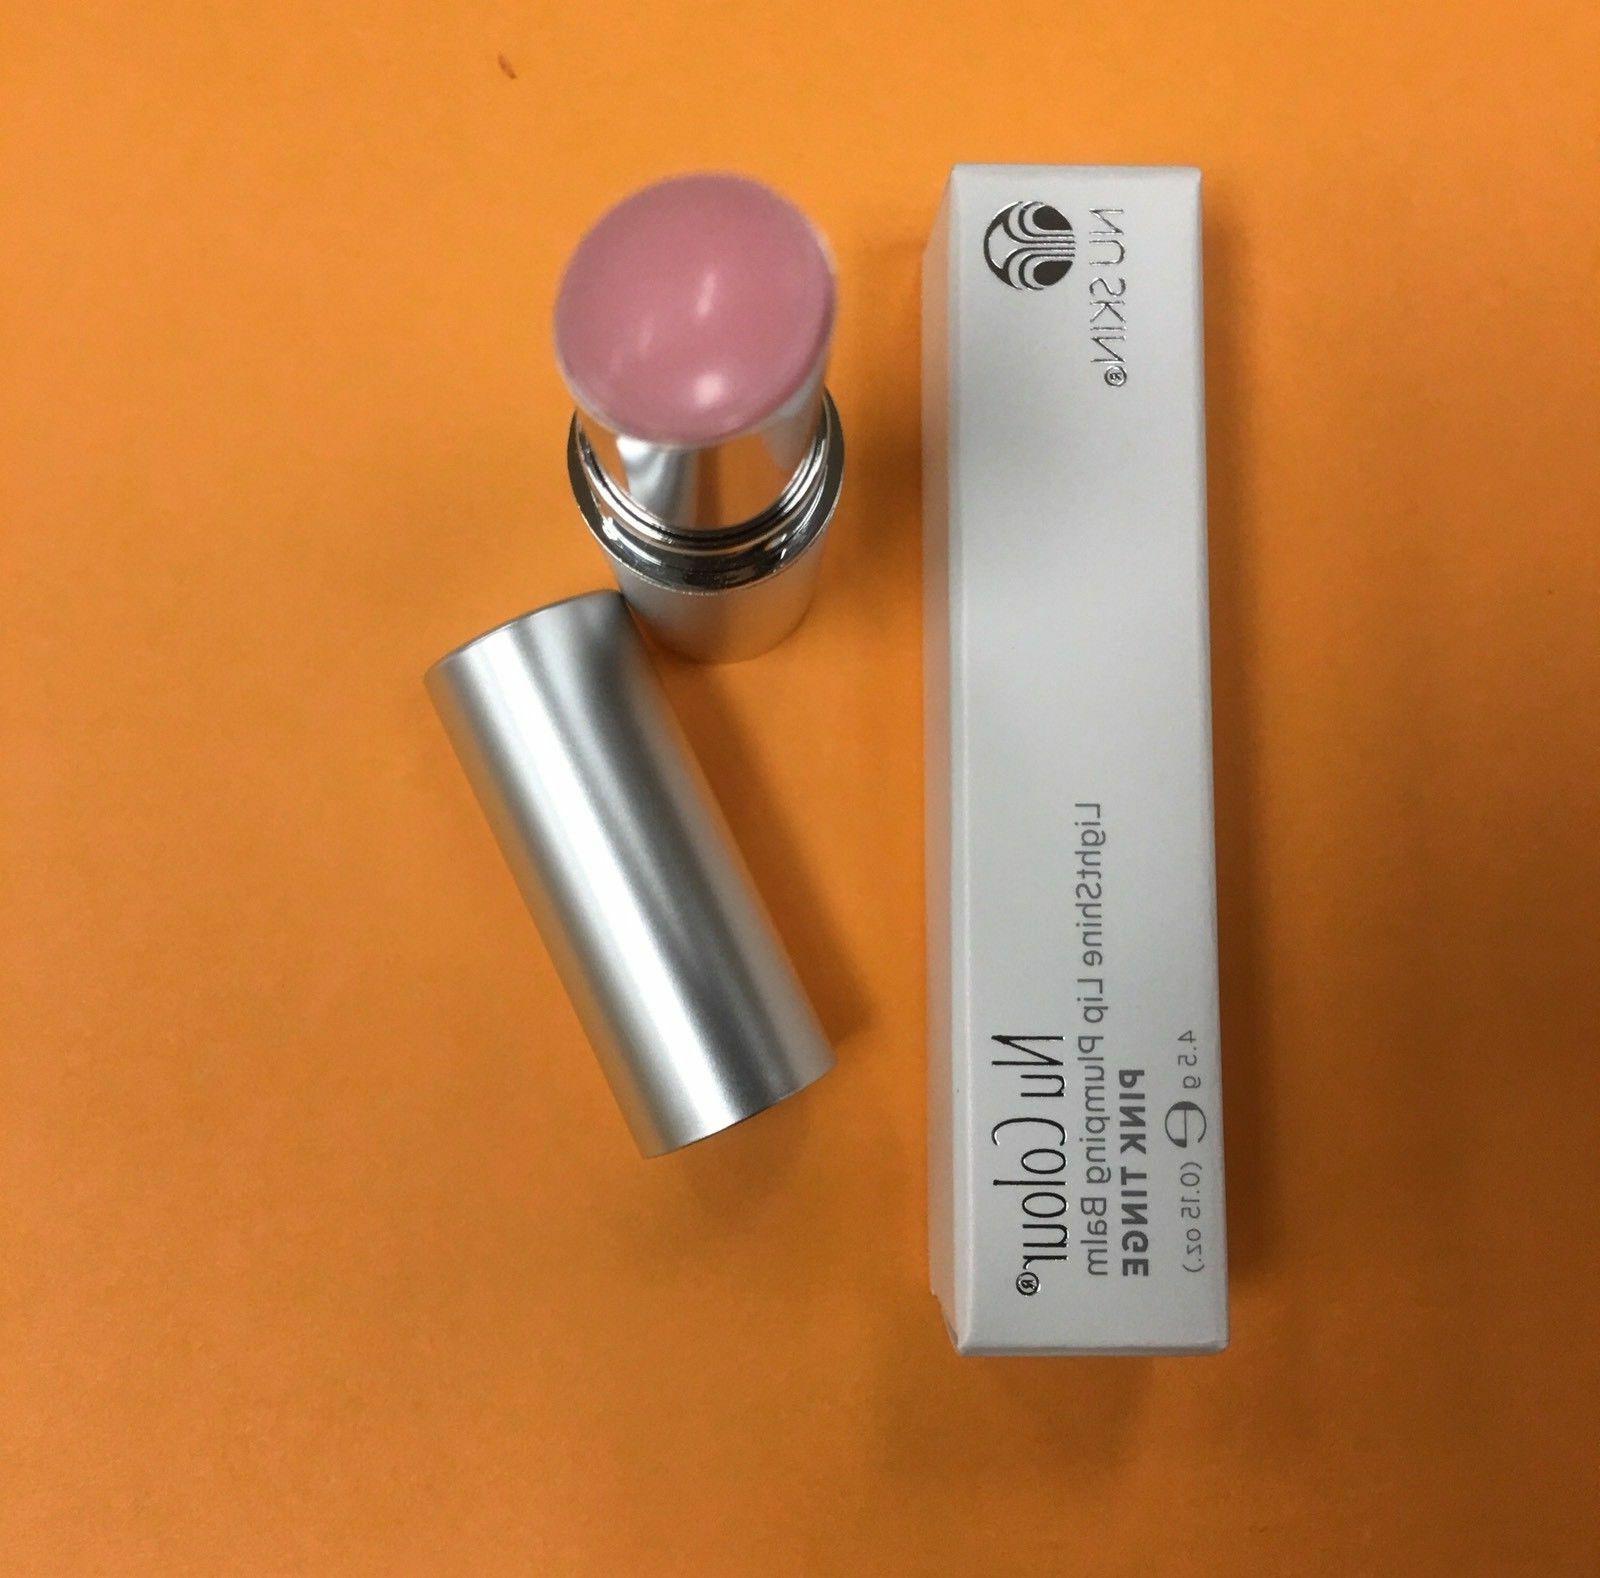 NEW Nu Skin Colour LightShine oz